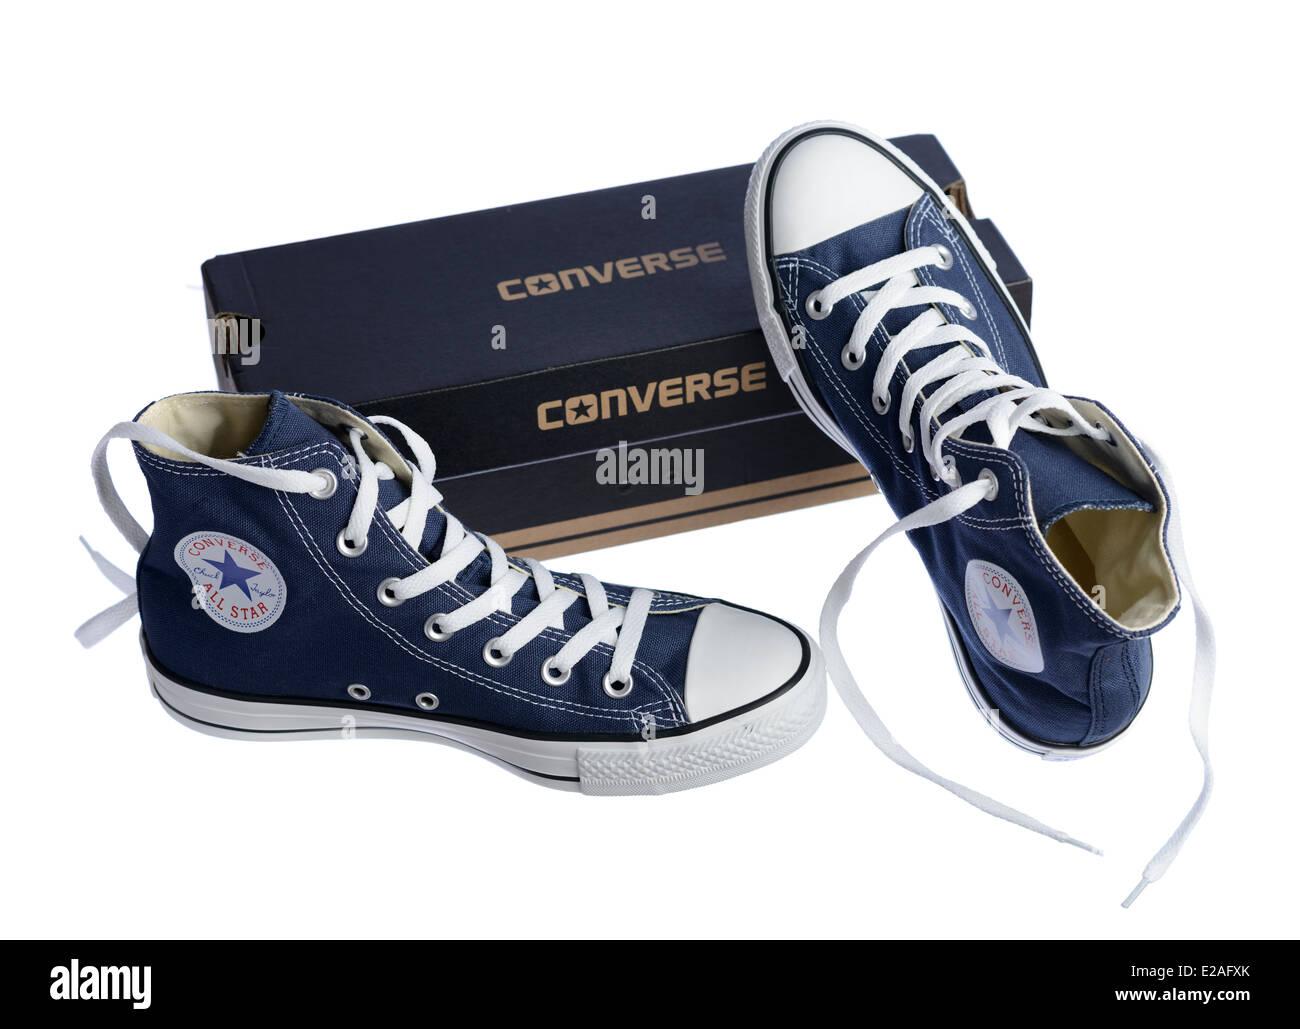 Blaue Converse Chuck Taylor All Star Schuh paar und box